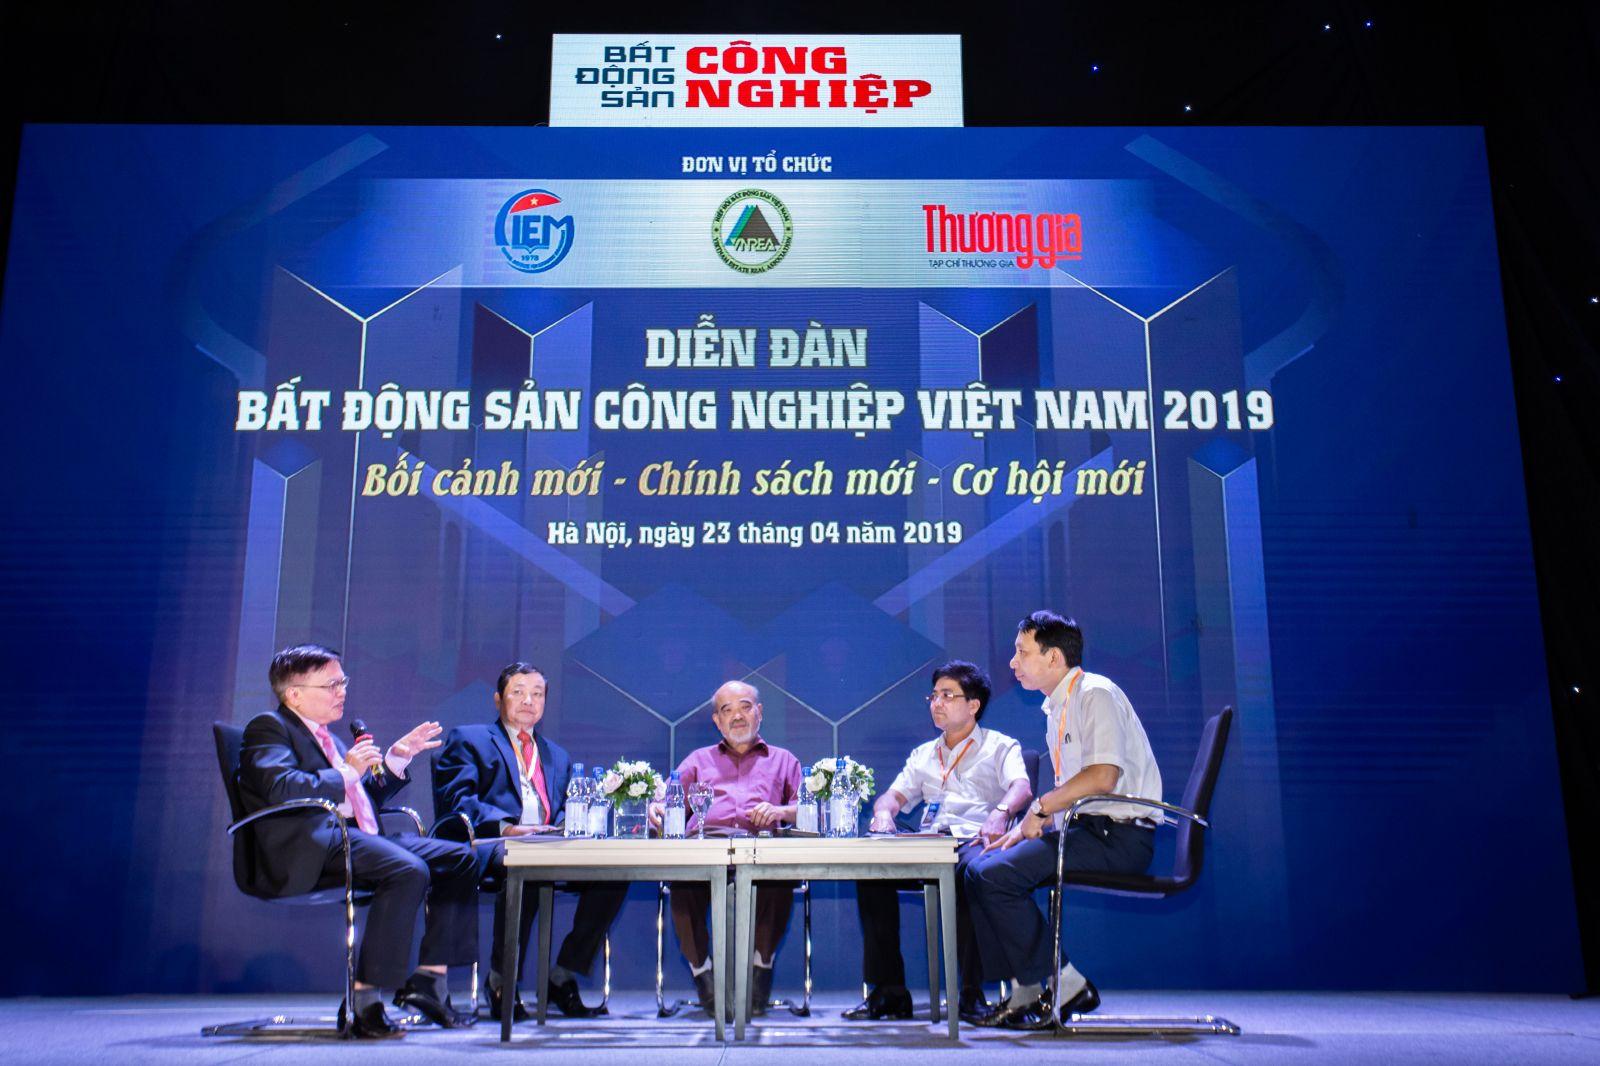 (Các chuyên gia, diễn giả tại Diễn đàn Bất động sản Công nghiệp Việt Nam)